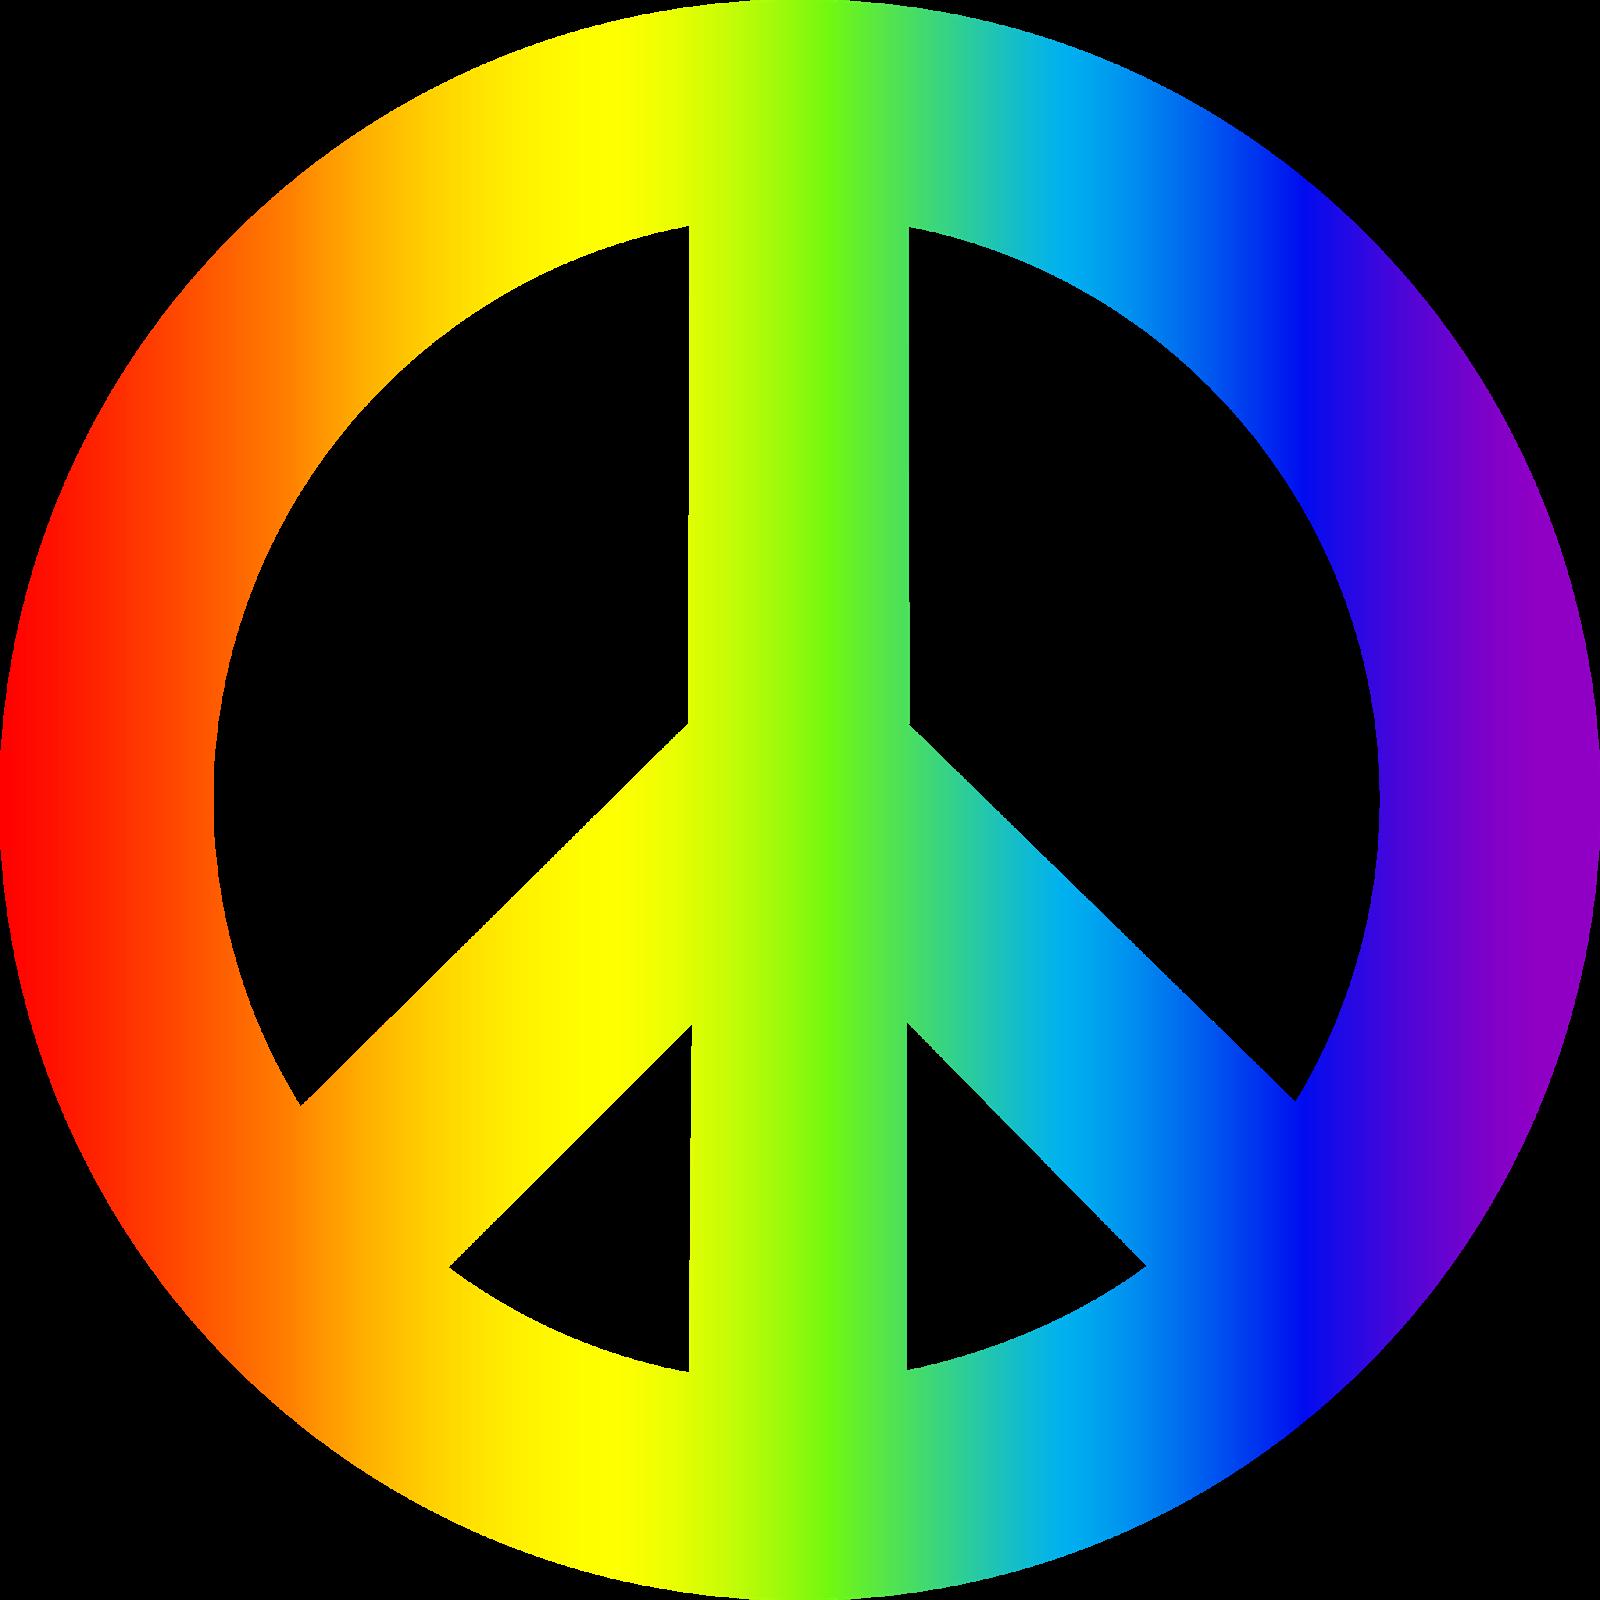 imagenes y fotos simbolos de la paz parte 1 simbolo de amor y